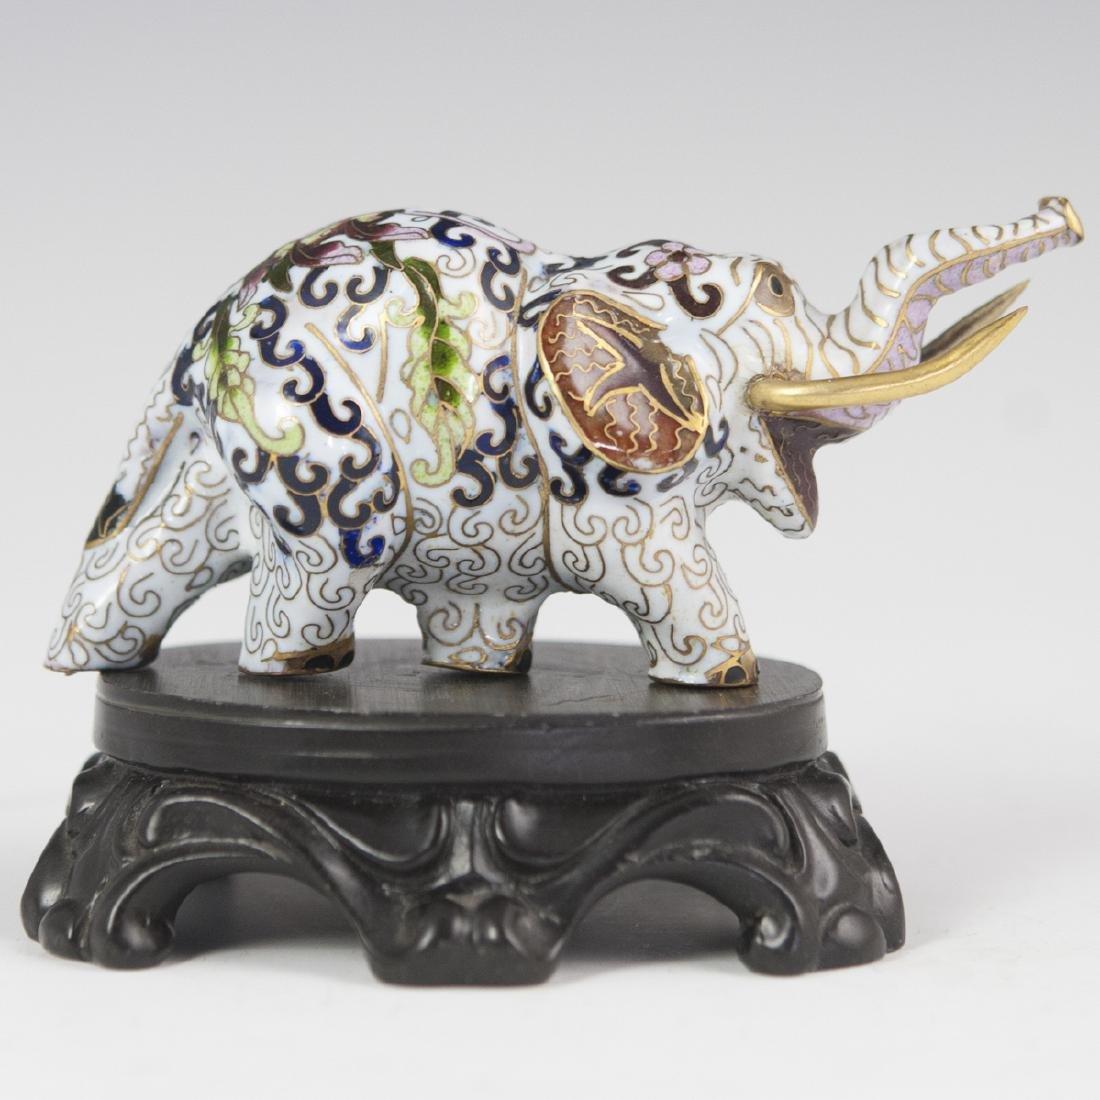 Chinese Cloisonne Enameled Elephant